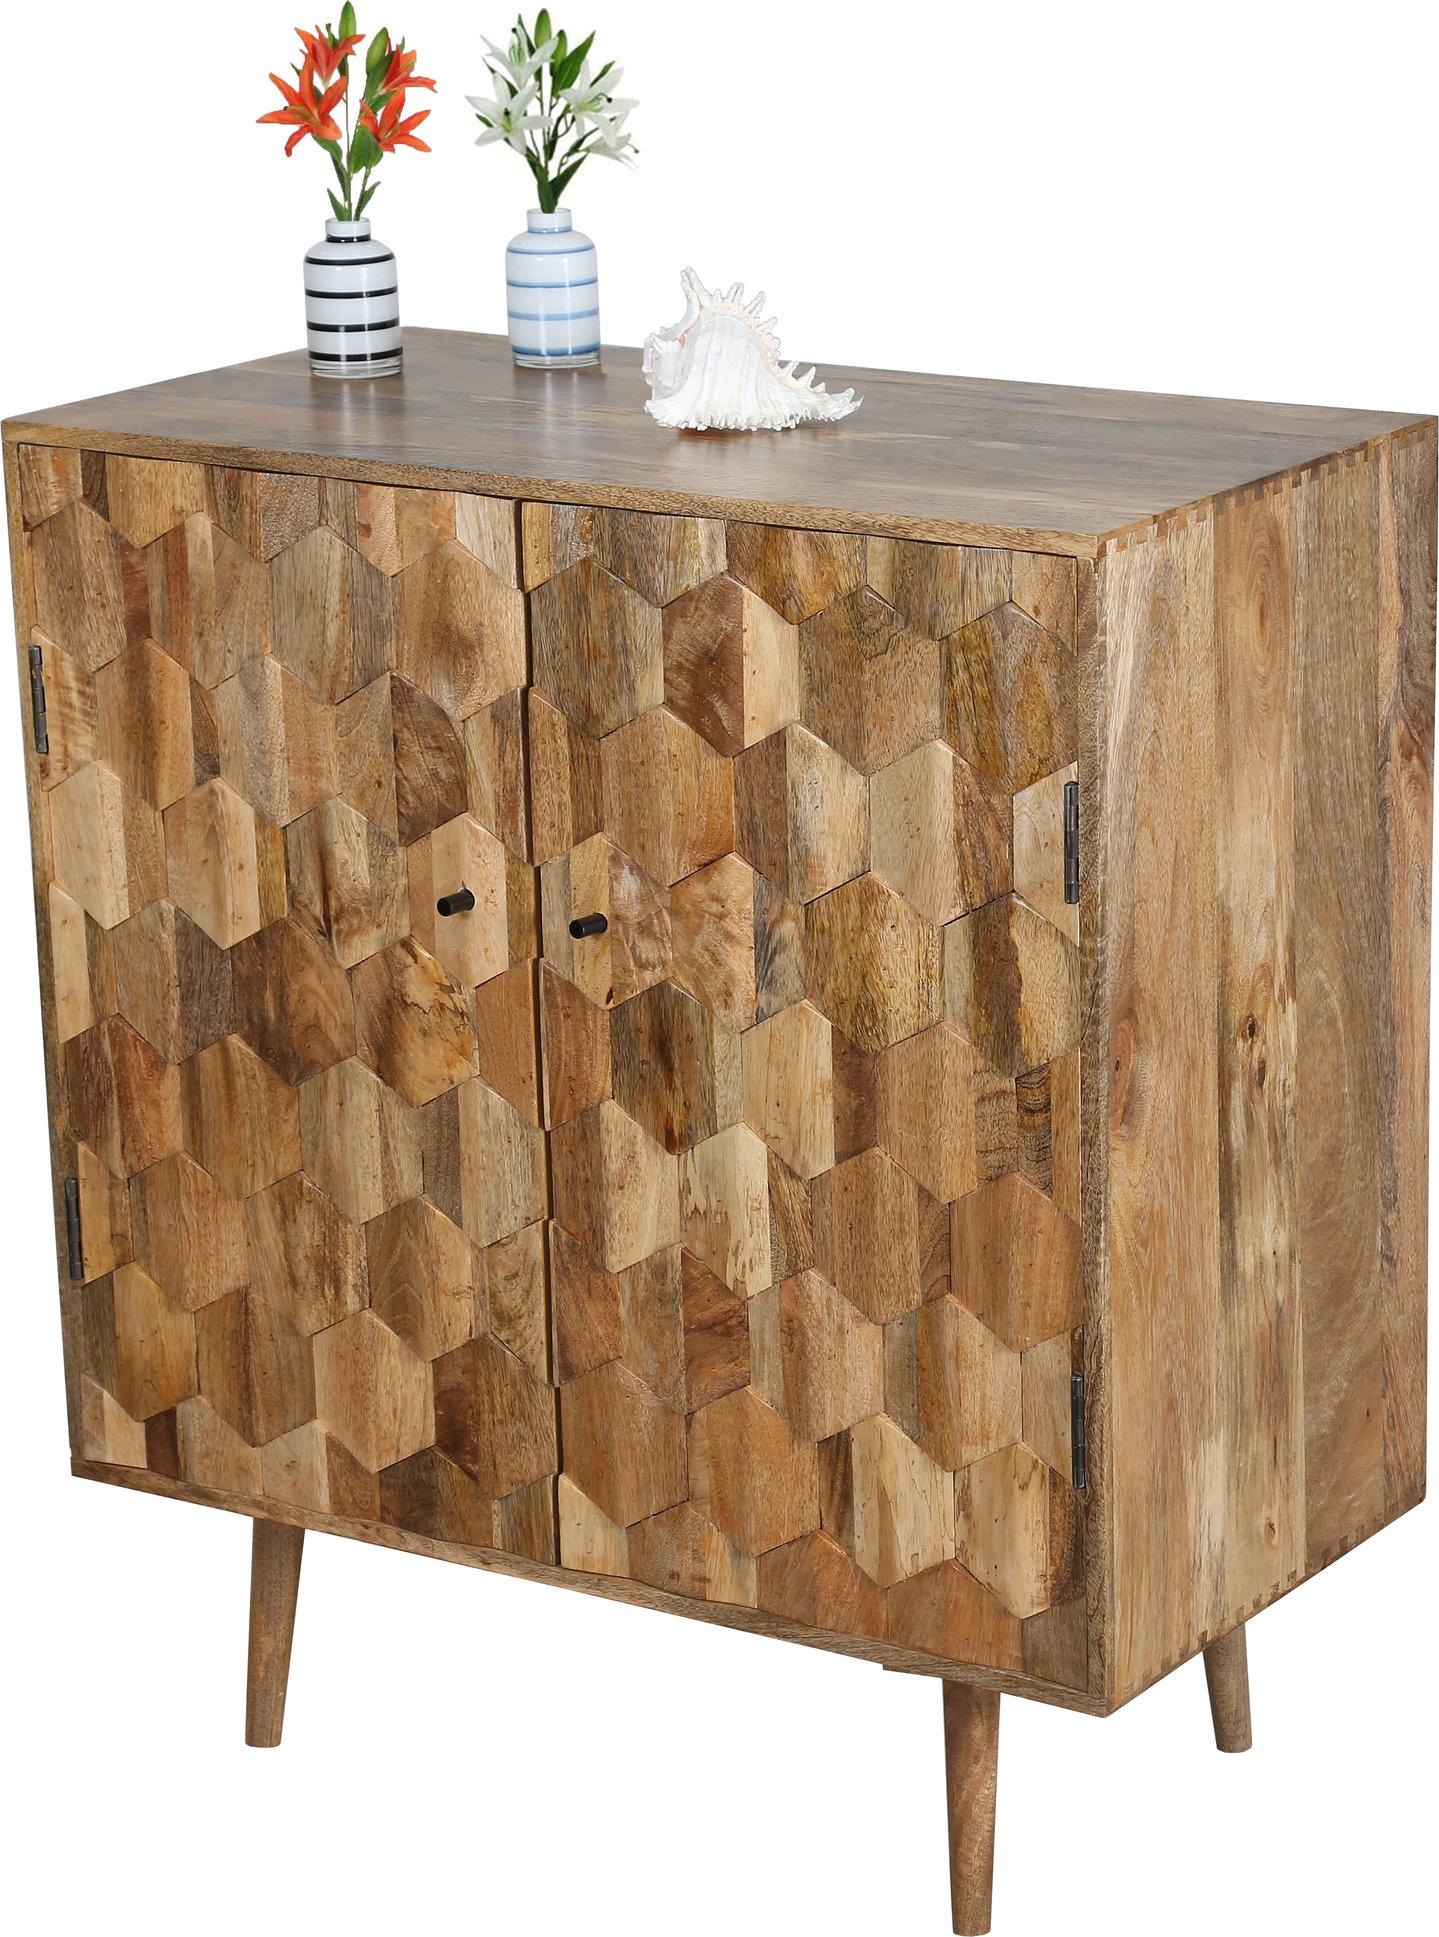 2 door hexagonal pattern cabinet in light mango wood